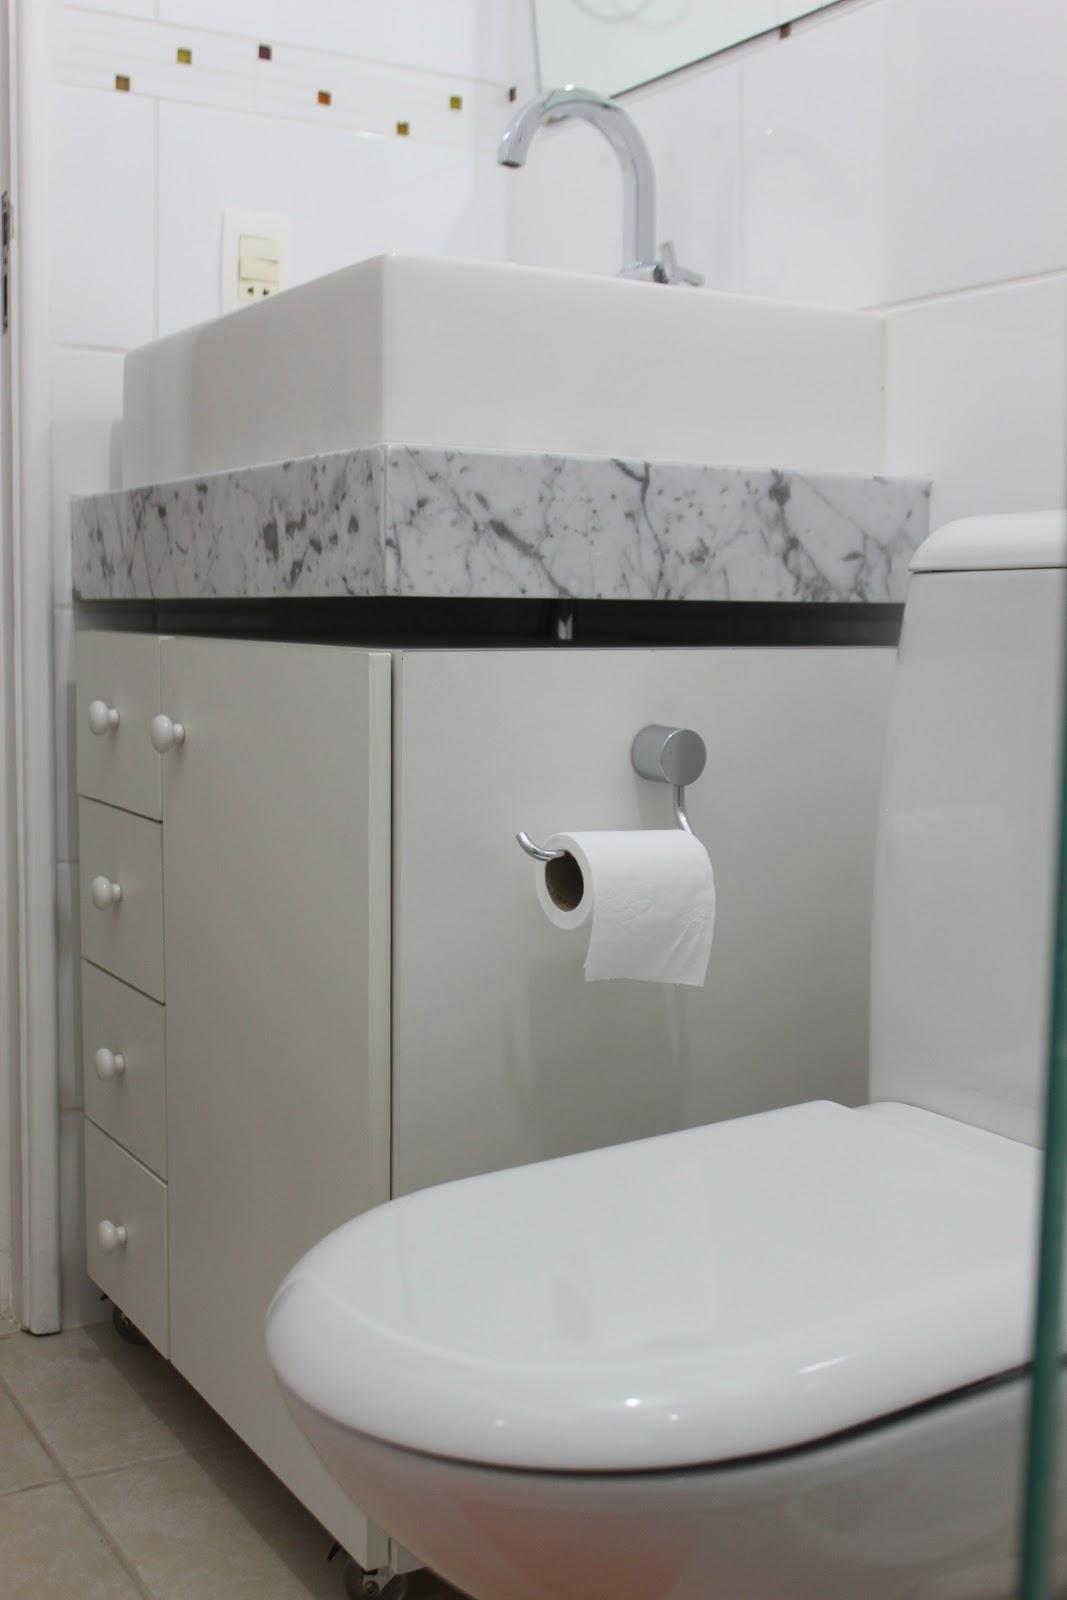 Por falta de espaço colocamos o suporte de papel higiênico fixo no  #685146 1067x1600 Acessorios Banheiro Tok Stok